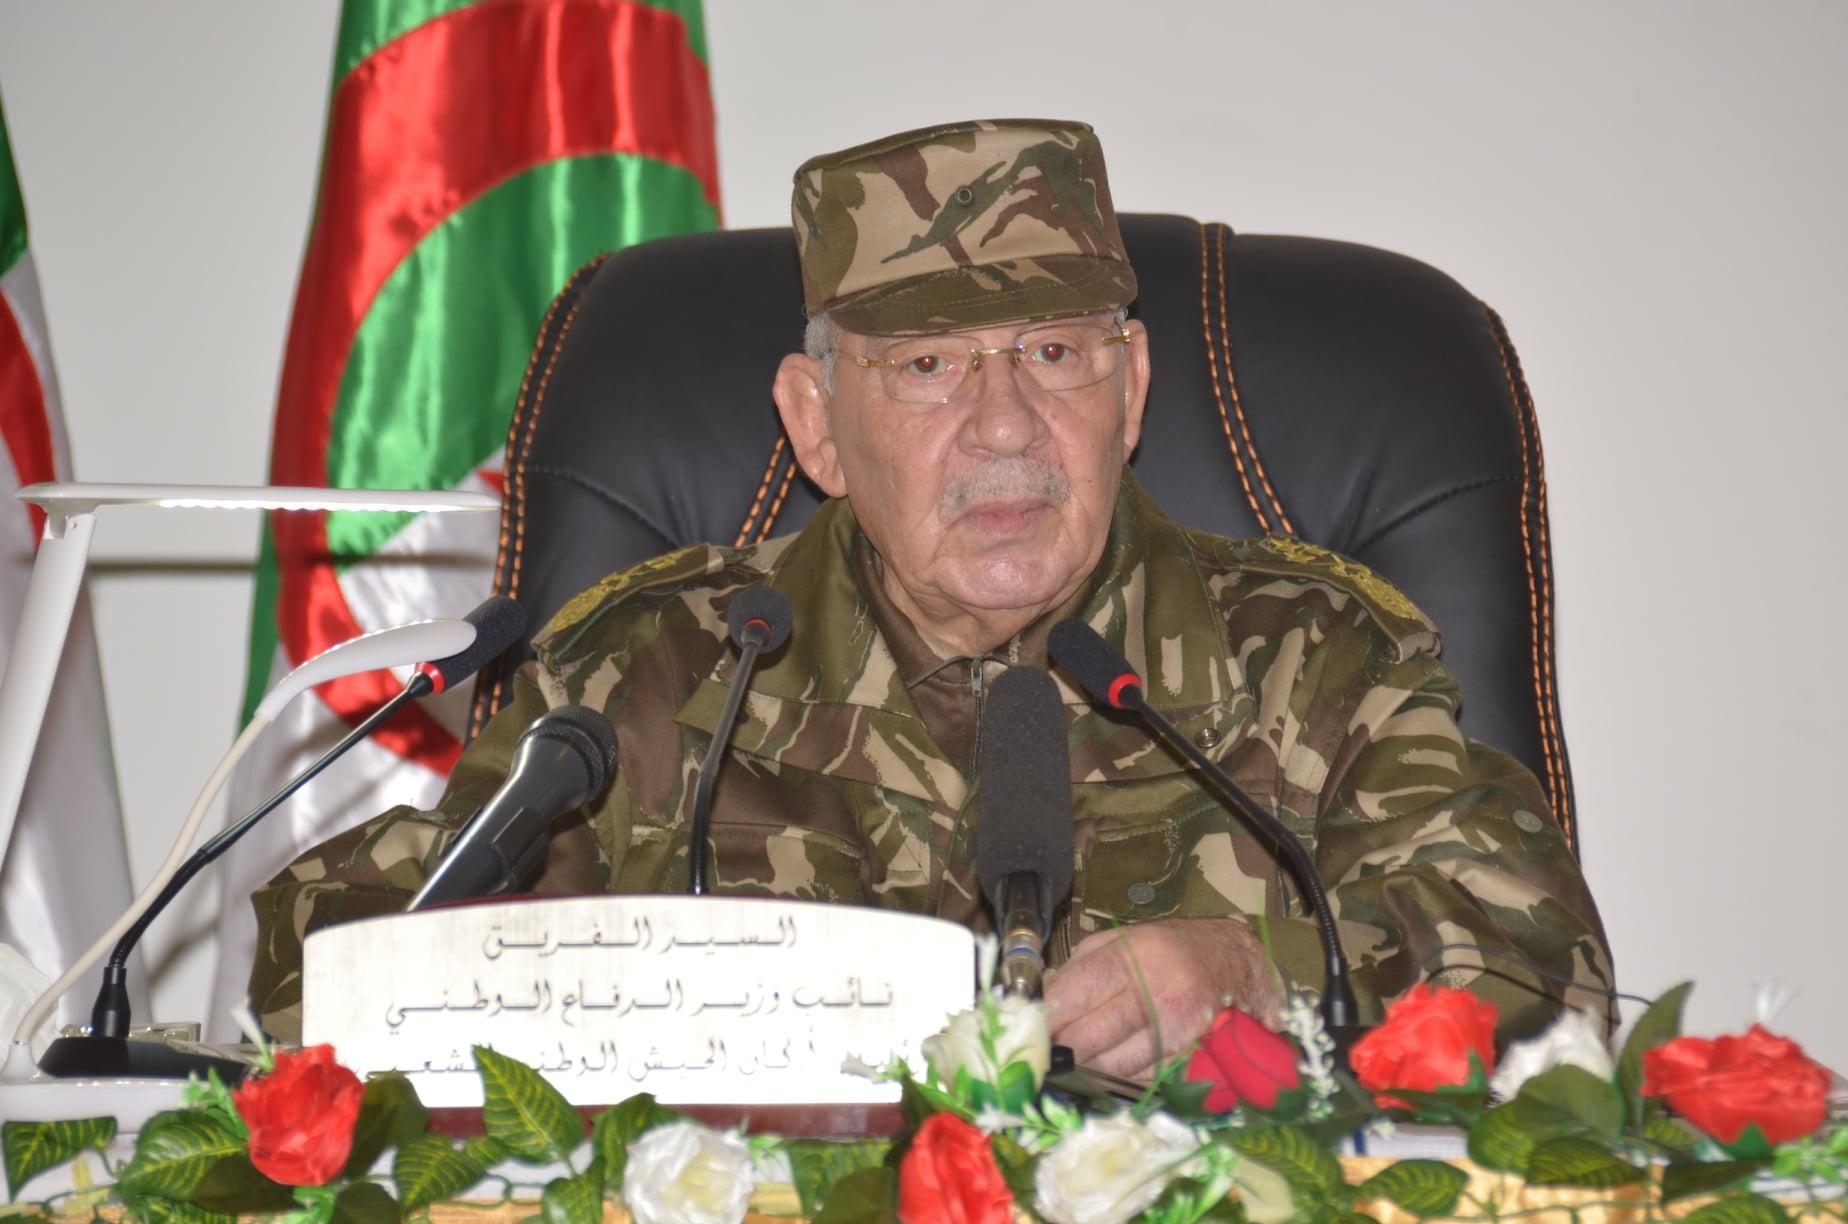 صورة قايد صالح يشيد بالهبة الشعبية الداعمة للانتخابات والجيش